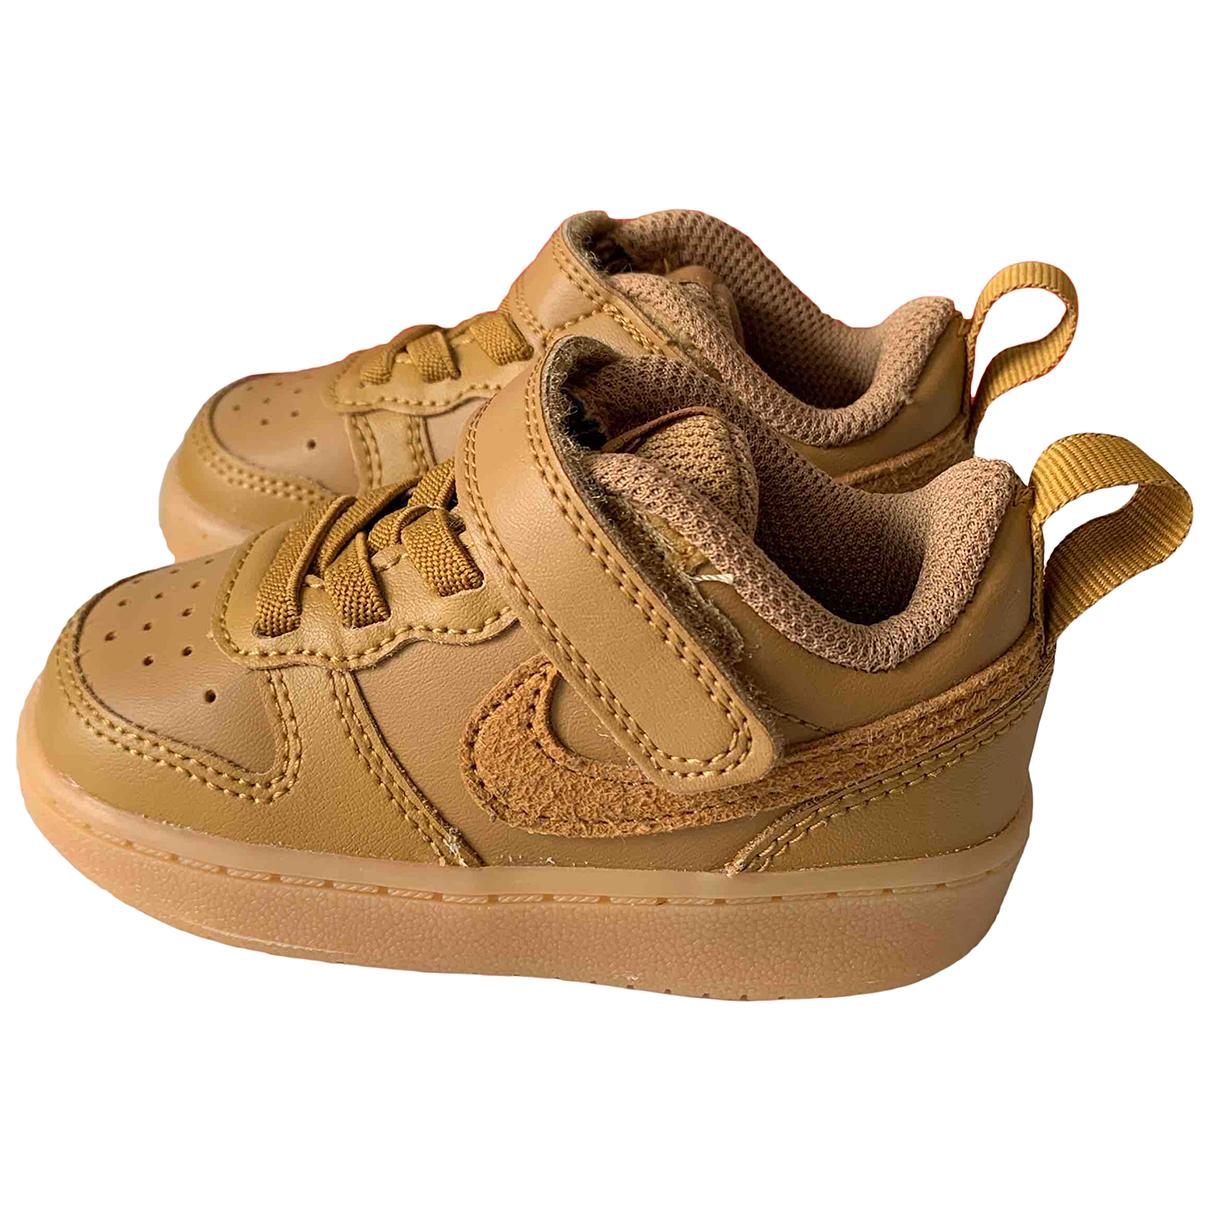 Nike - Baskets Air Force 1 pour enfant en cuir - marron